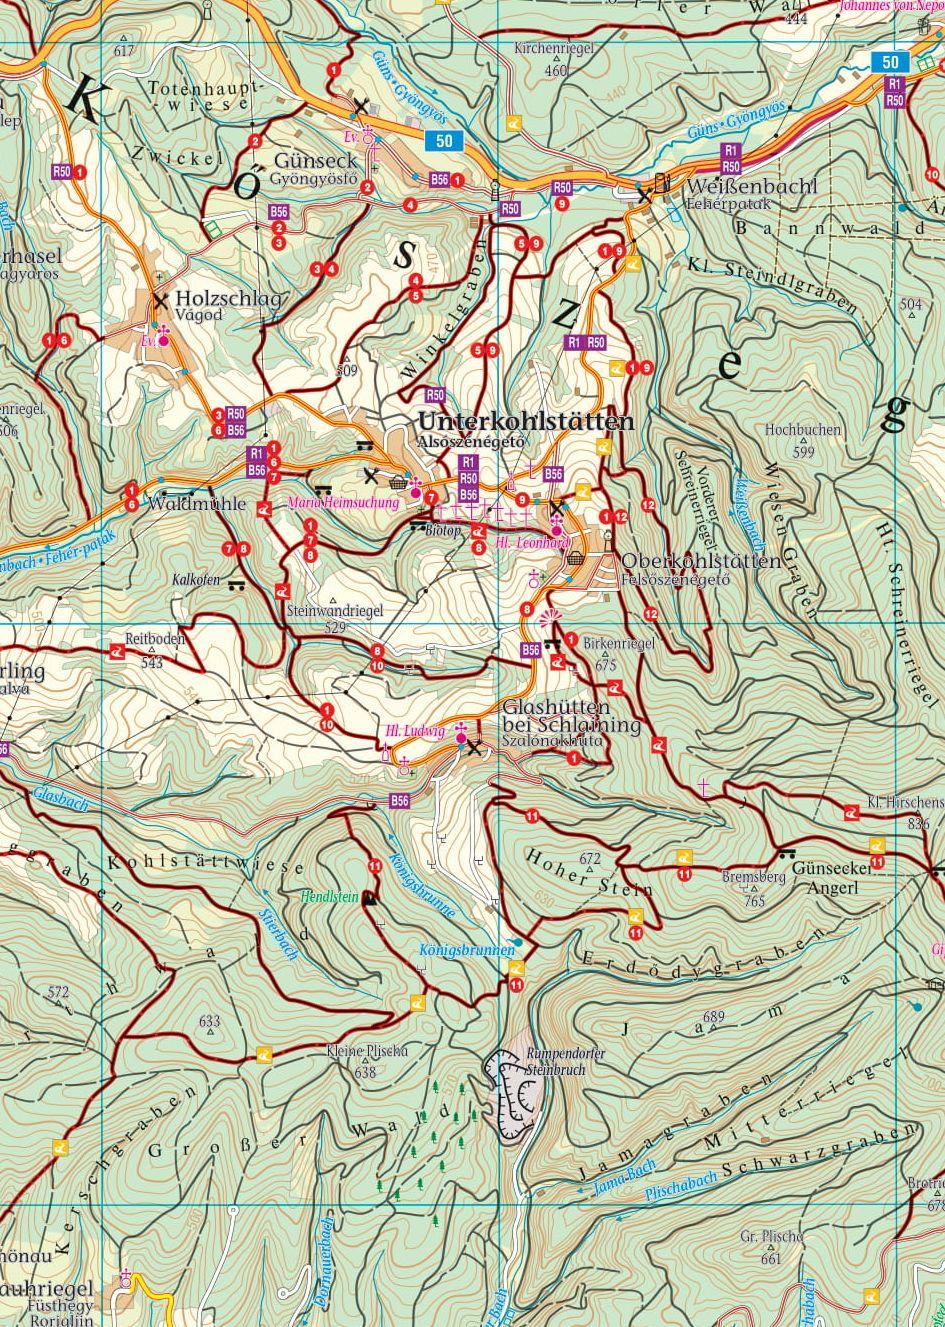 Kőszegi-hg/Írottkő natúrpark 1:50.000 mintakivágat